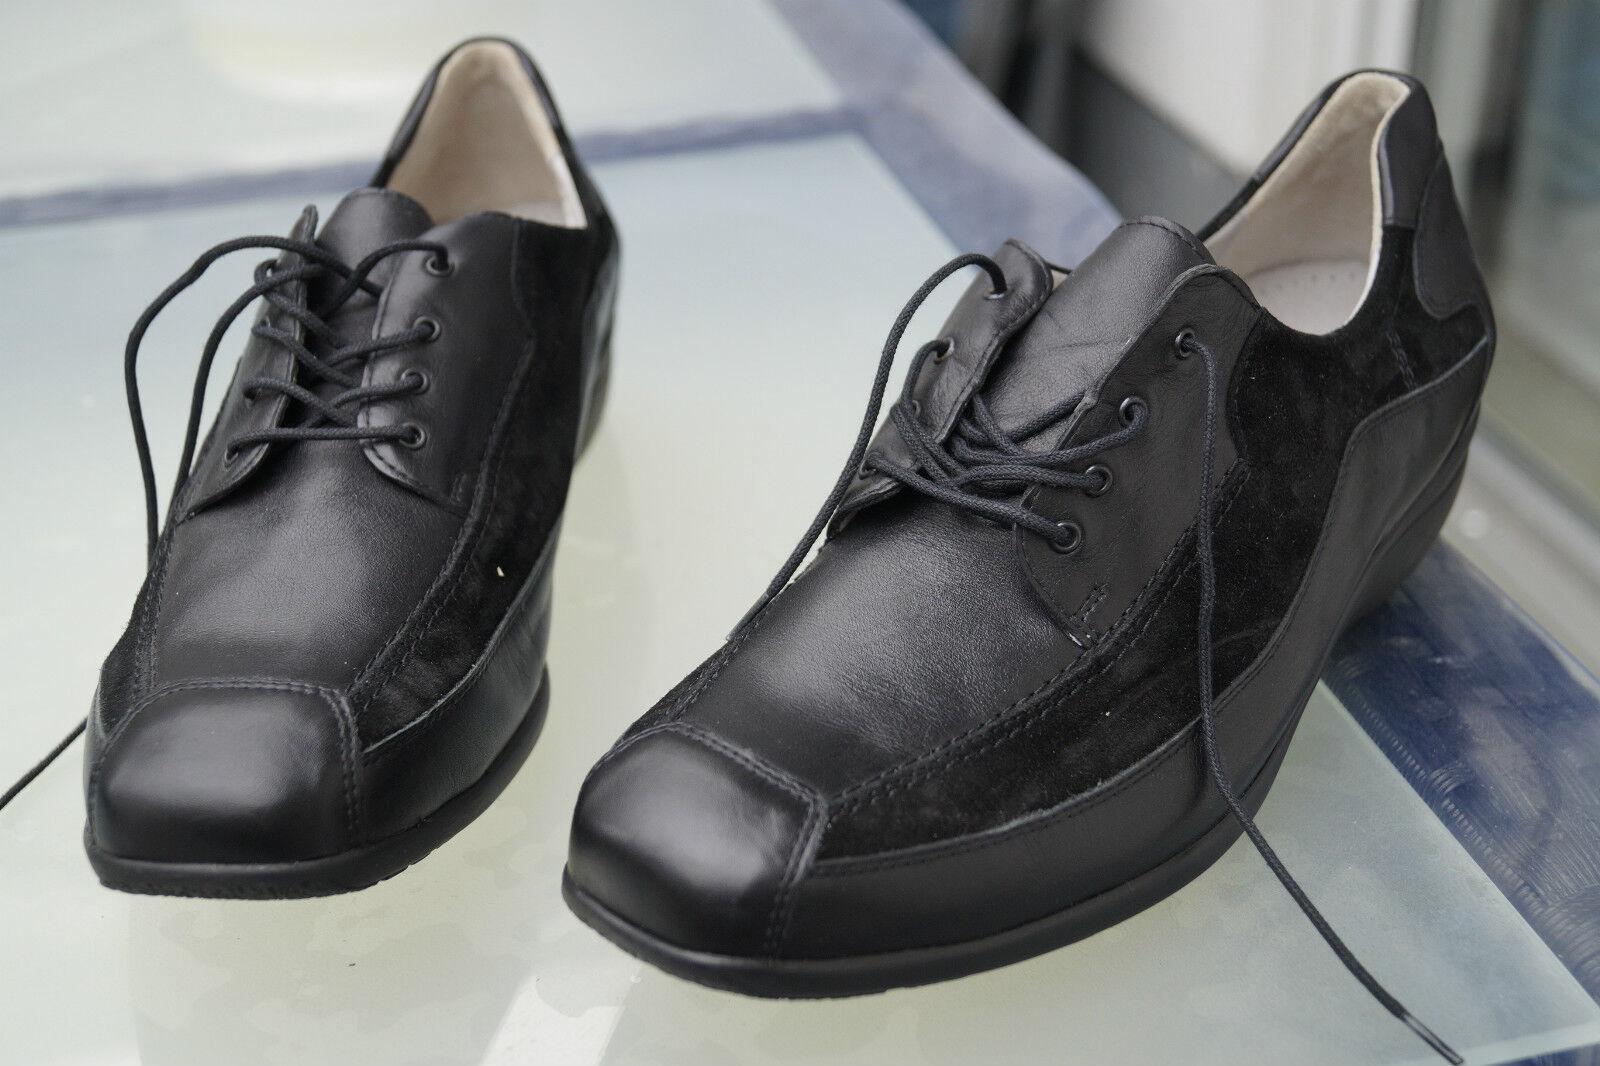 WALDLÄUFER Damen Comfort Schuhe Schnürschuh Leder Einlagen schwarz Gr.8 G 42 NEU